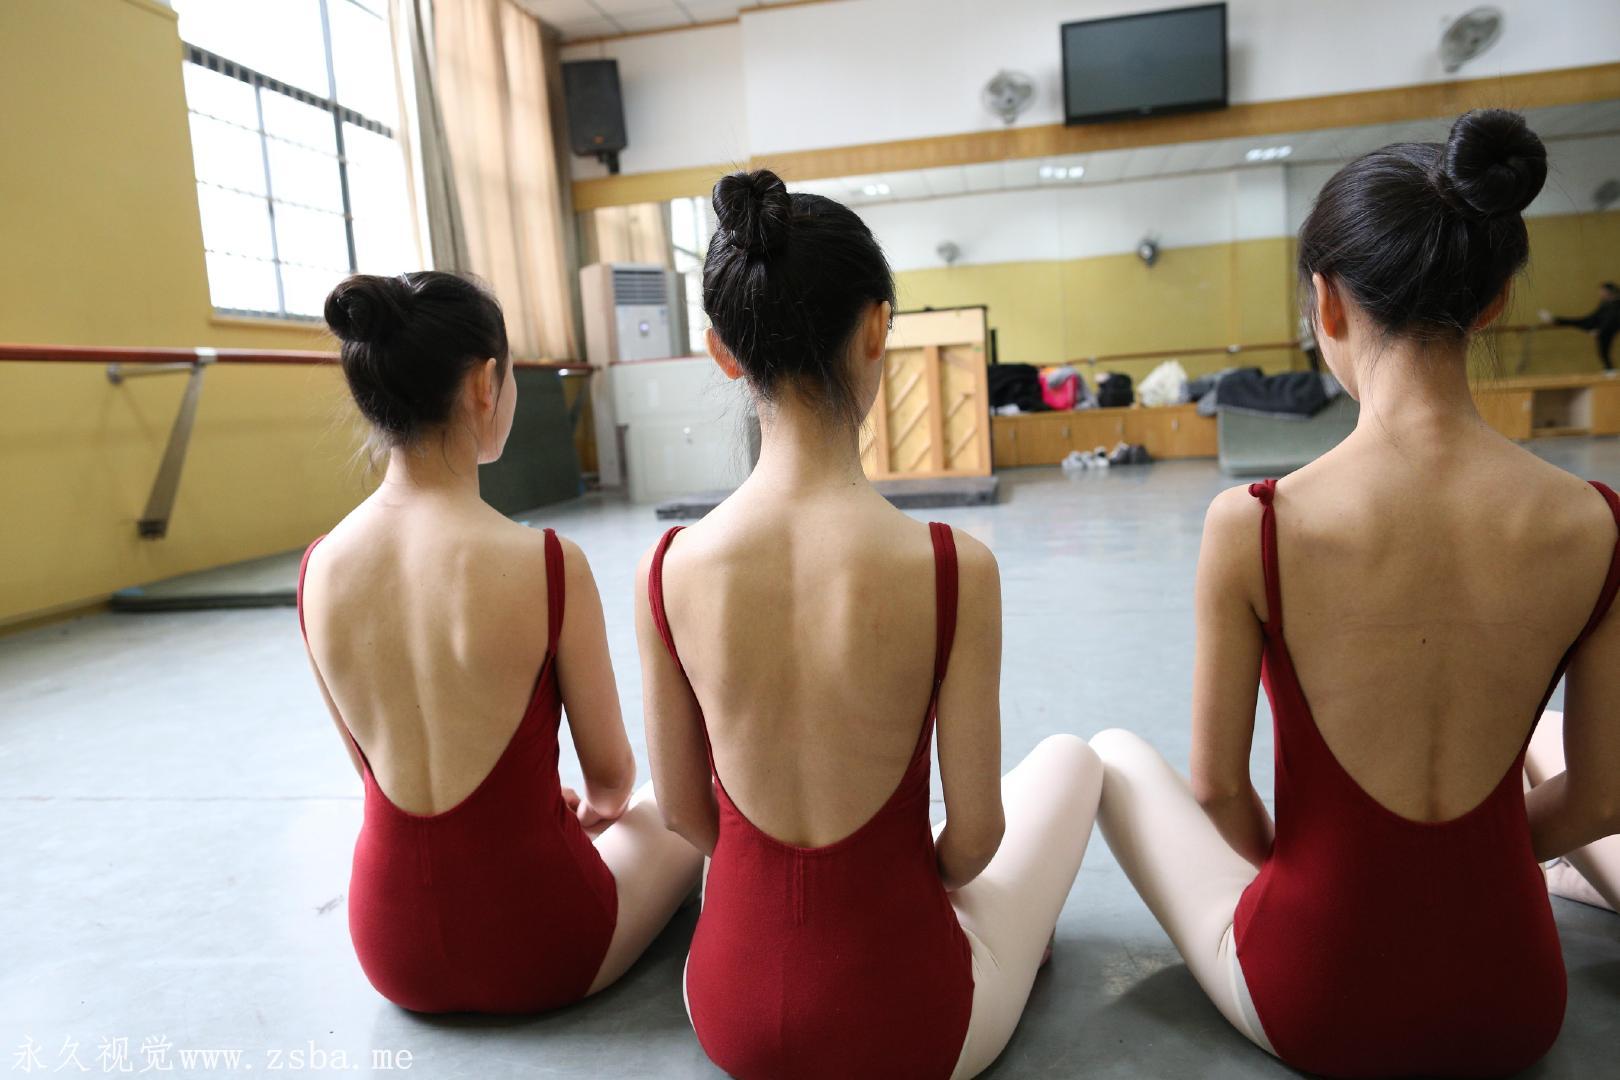 舞蹈学院练舞室实拍照片 美女小姐姐高清照片插图(15)